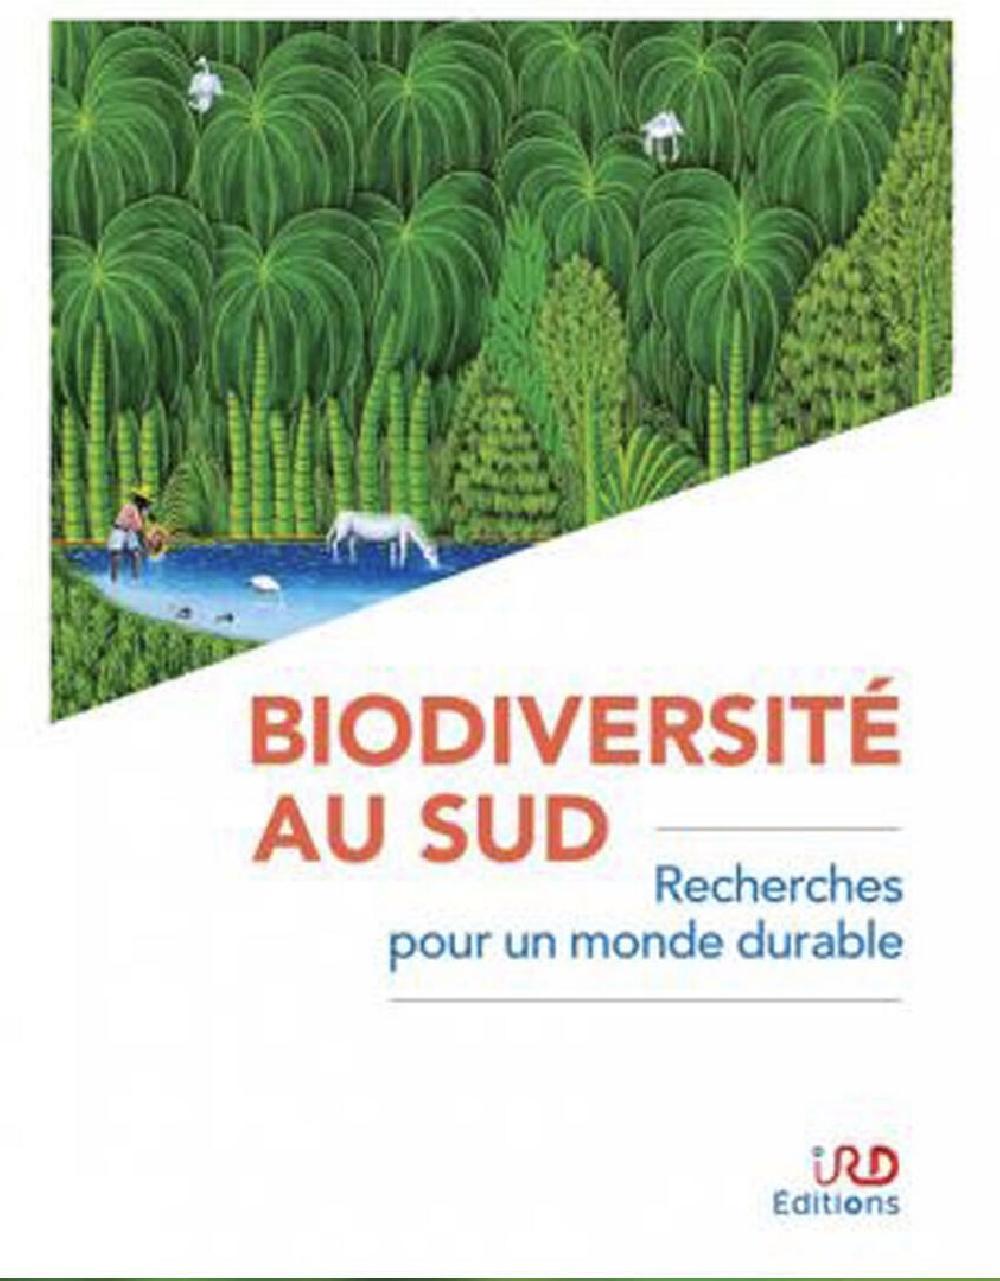 Biodiversité au Sud - Recherches pour un monde durable